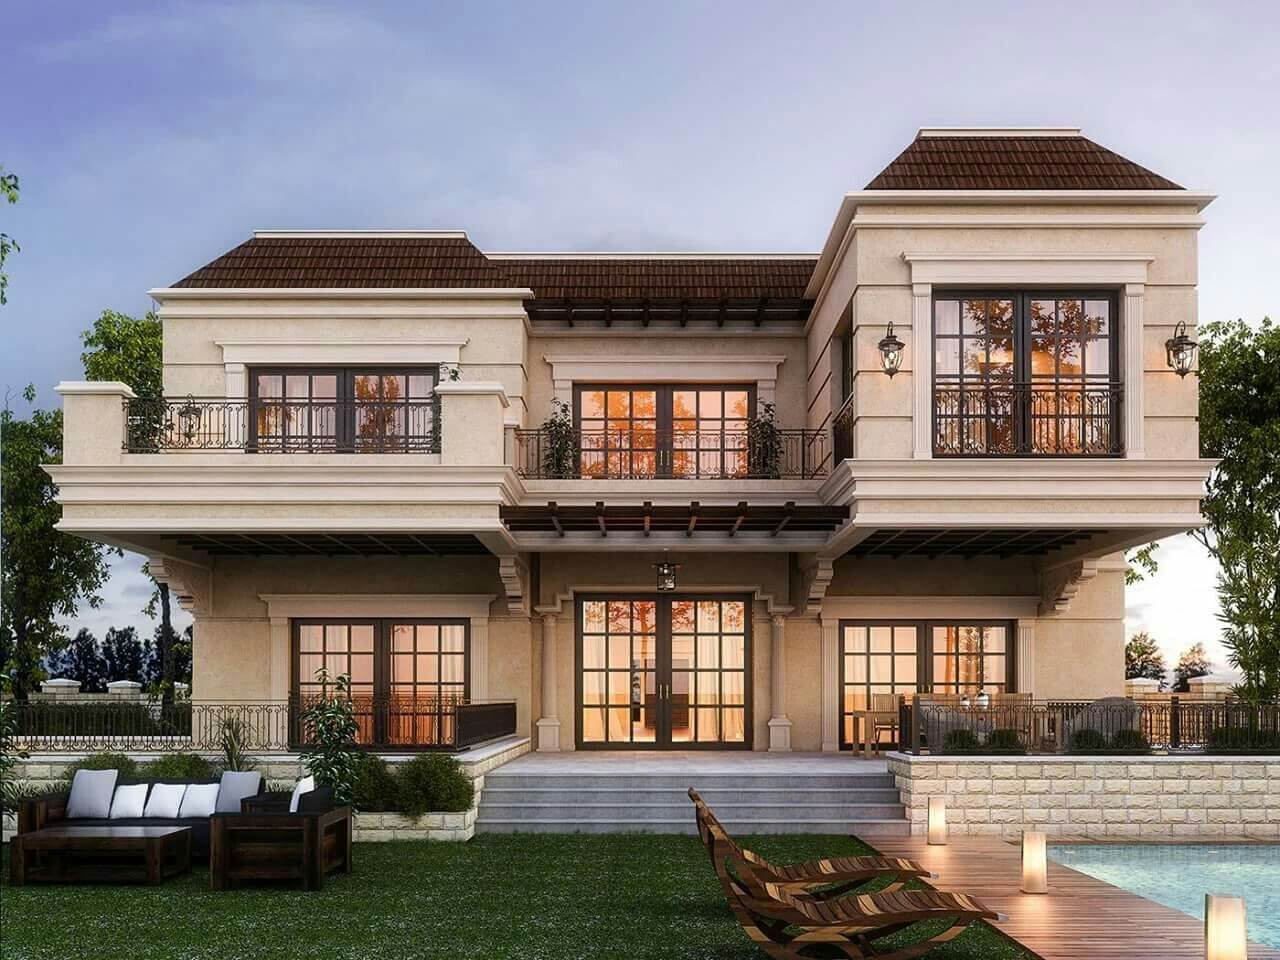 phong cách thiết kế nhà biệt thự đẹp tân cổ điển